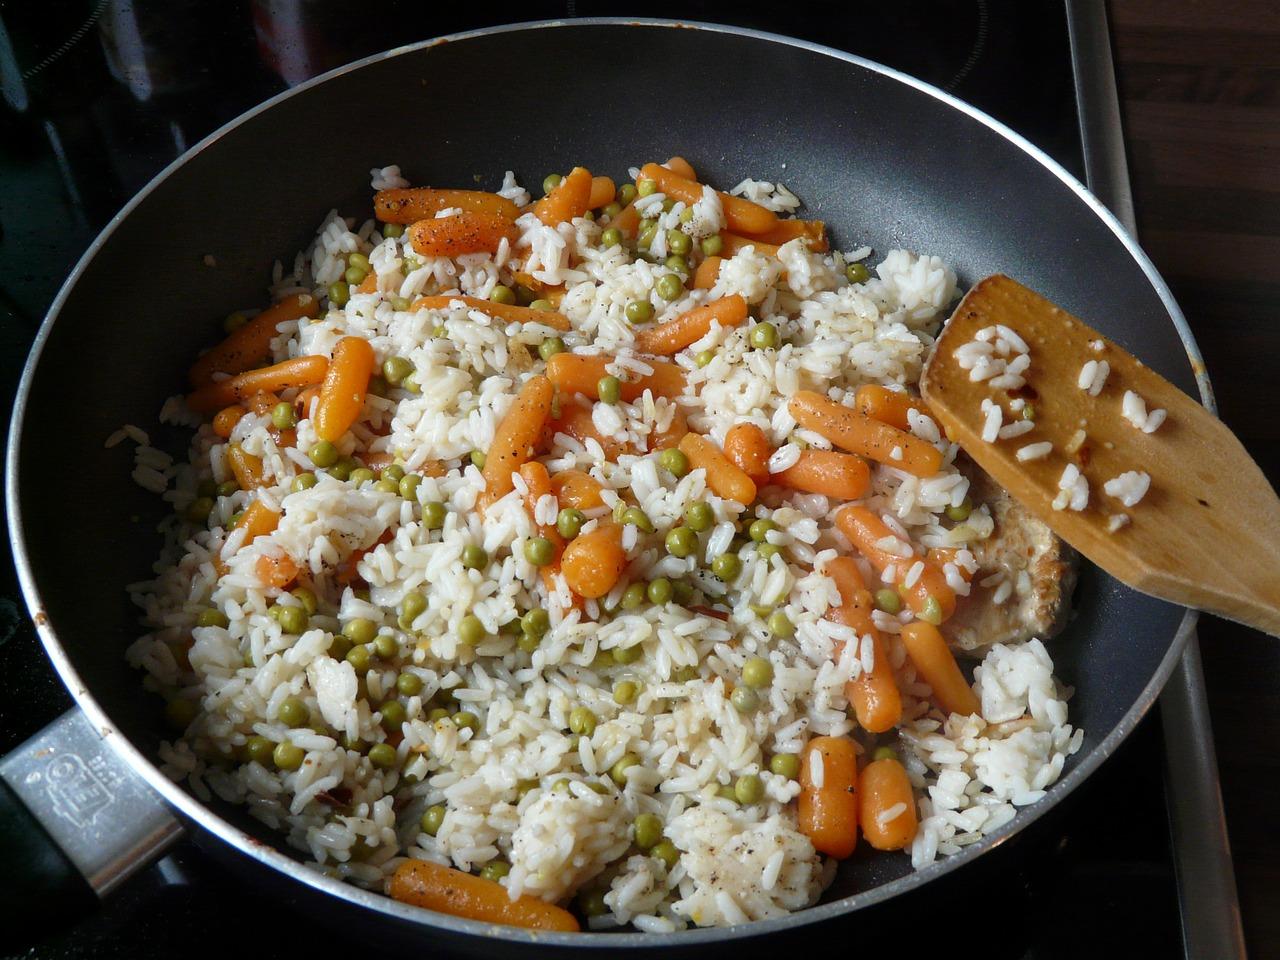 Insalata di riso con piselli: per un pic nic veg amico anche di chi soffre di malattia renale.